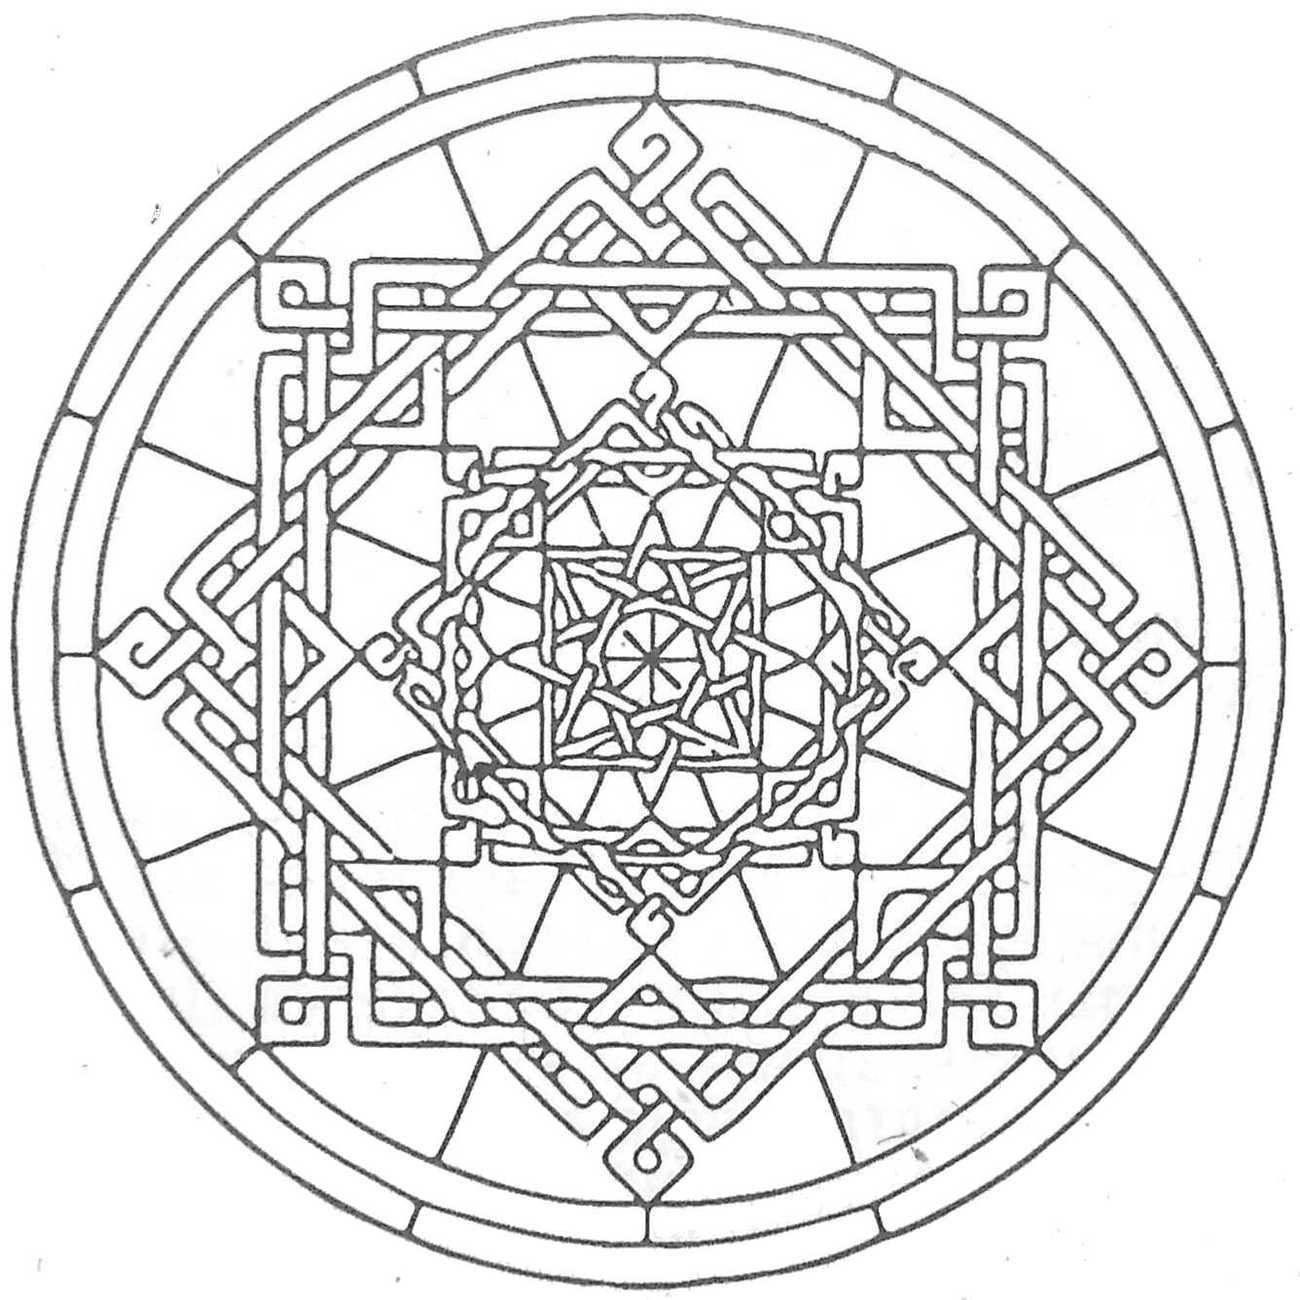 *** Янтра — образ пробуждающий Высшие Силы | Числовая Янтра пробуждает Силы Жизни с помощью образа чисел и их комбинаций ***